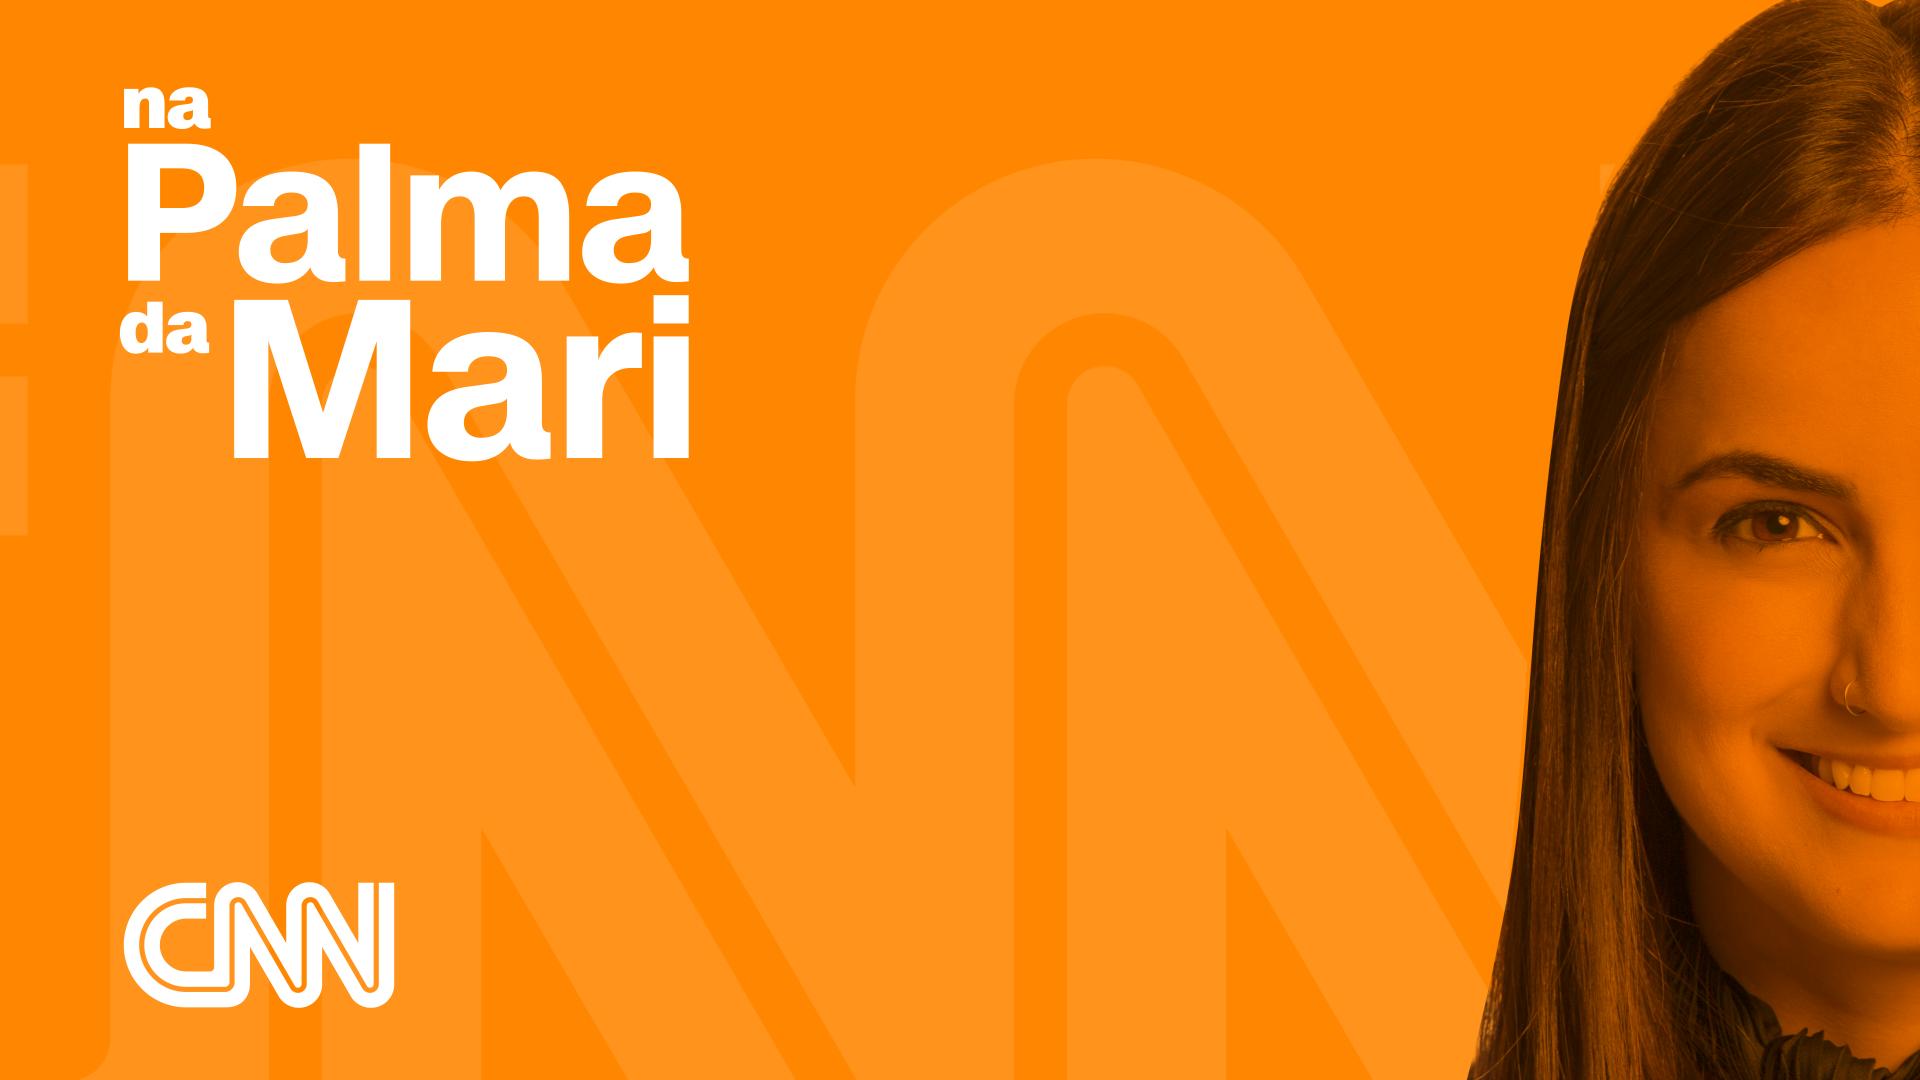 Mari Palma apresenta o podcast Na Palma Da Mari, publicado sempre às quintas